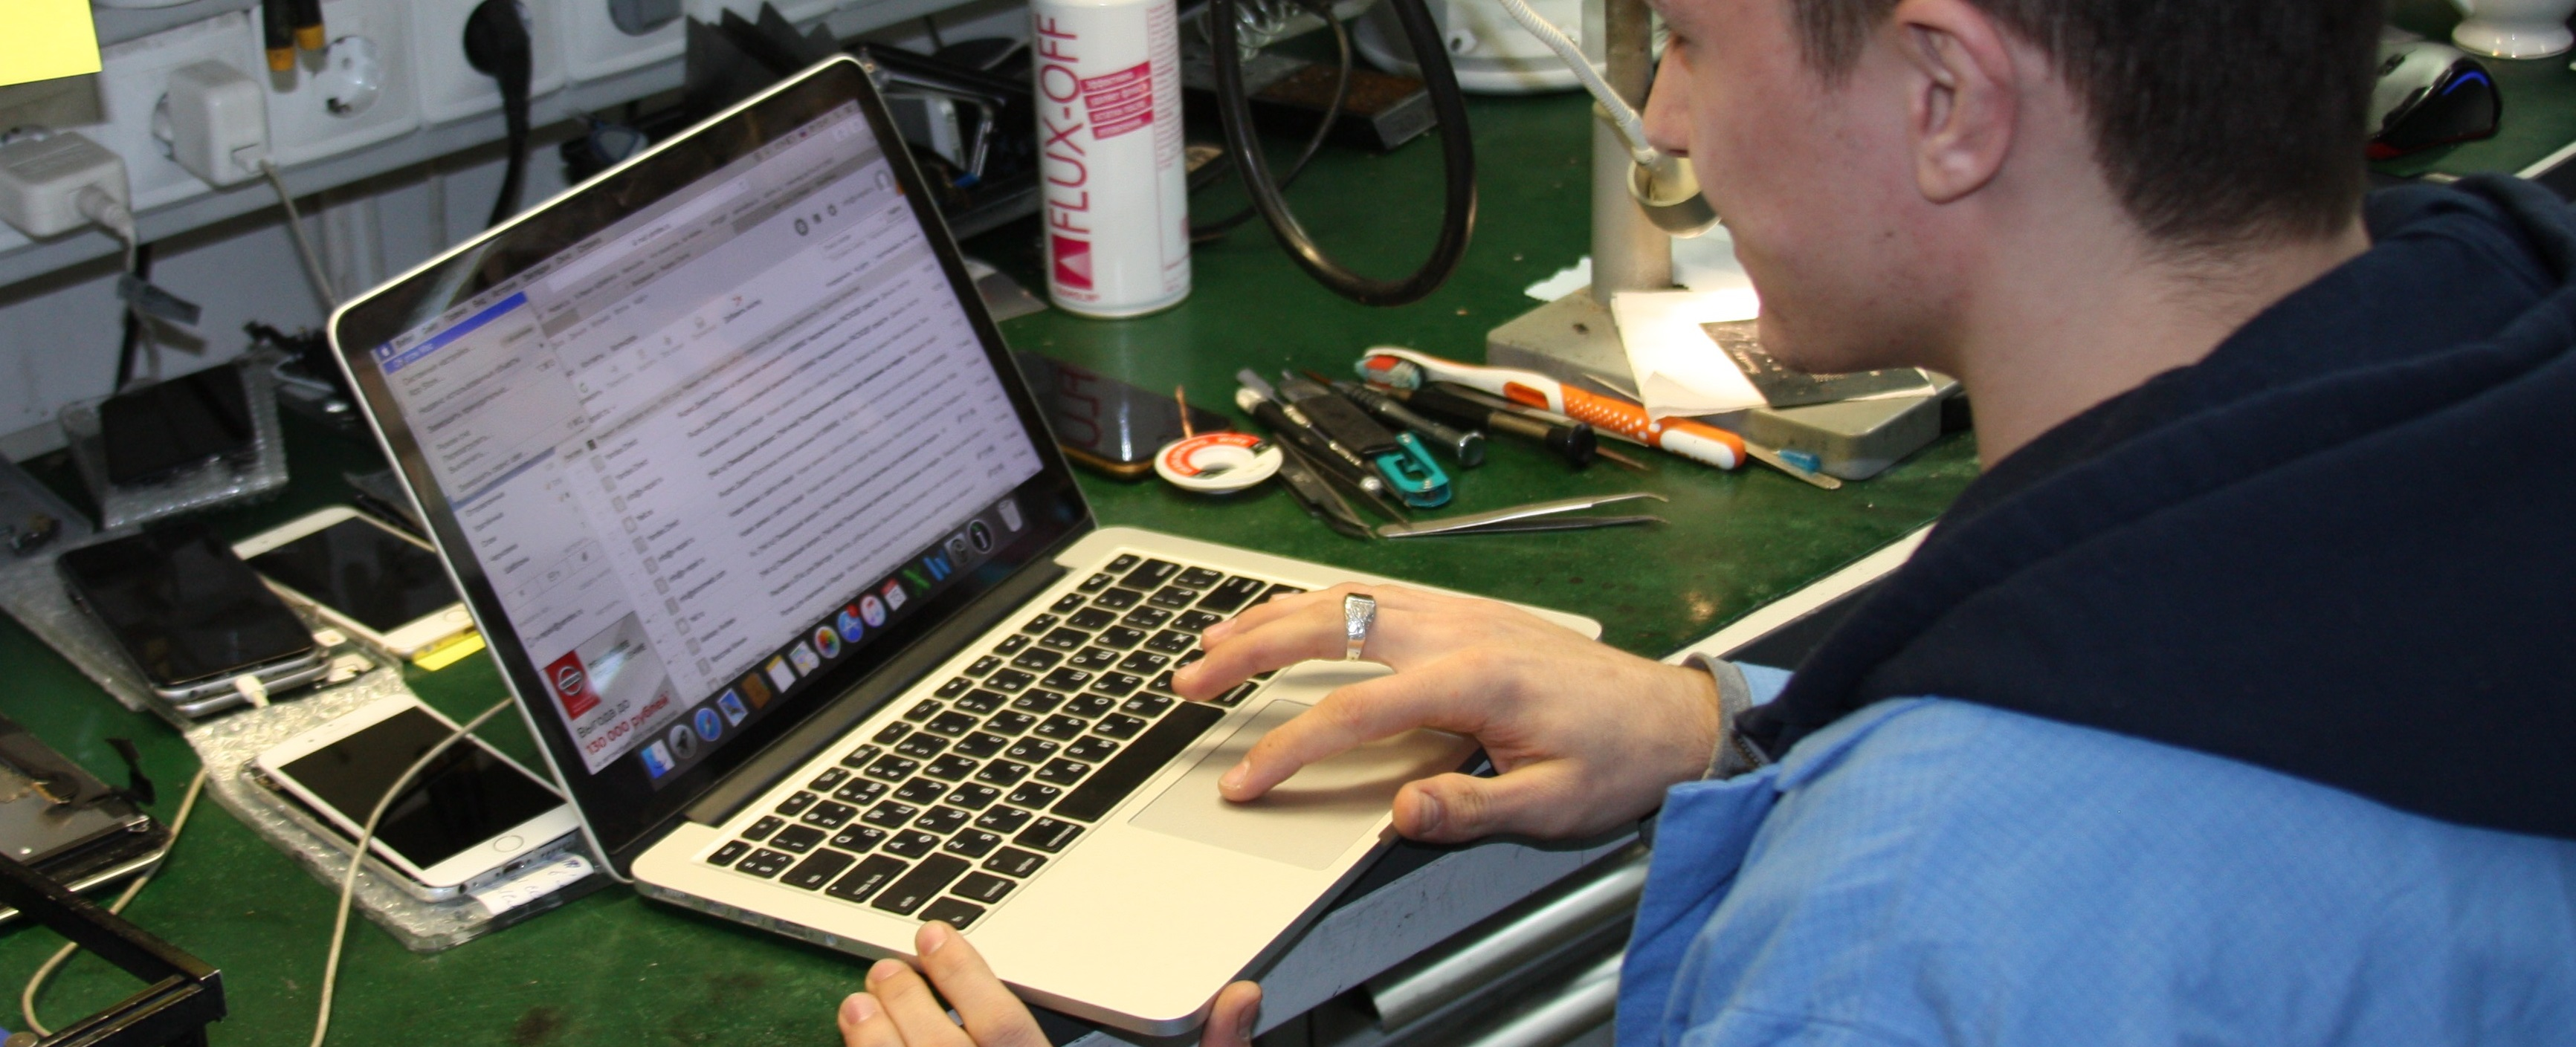 ремонт macbook в сервисе мастерской